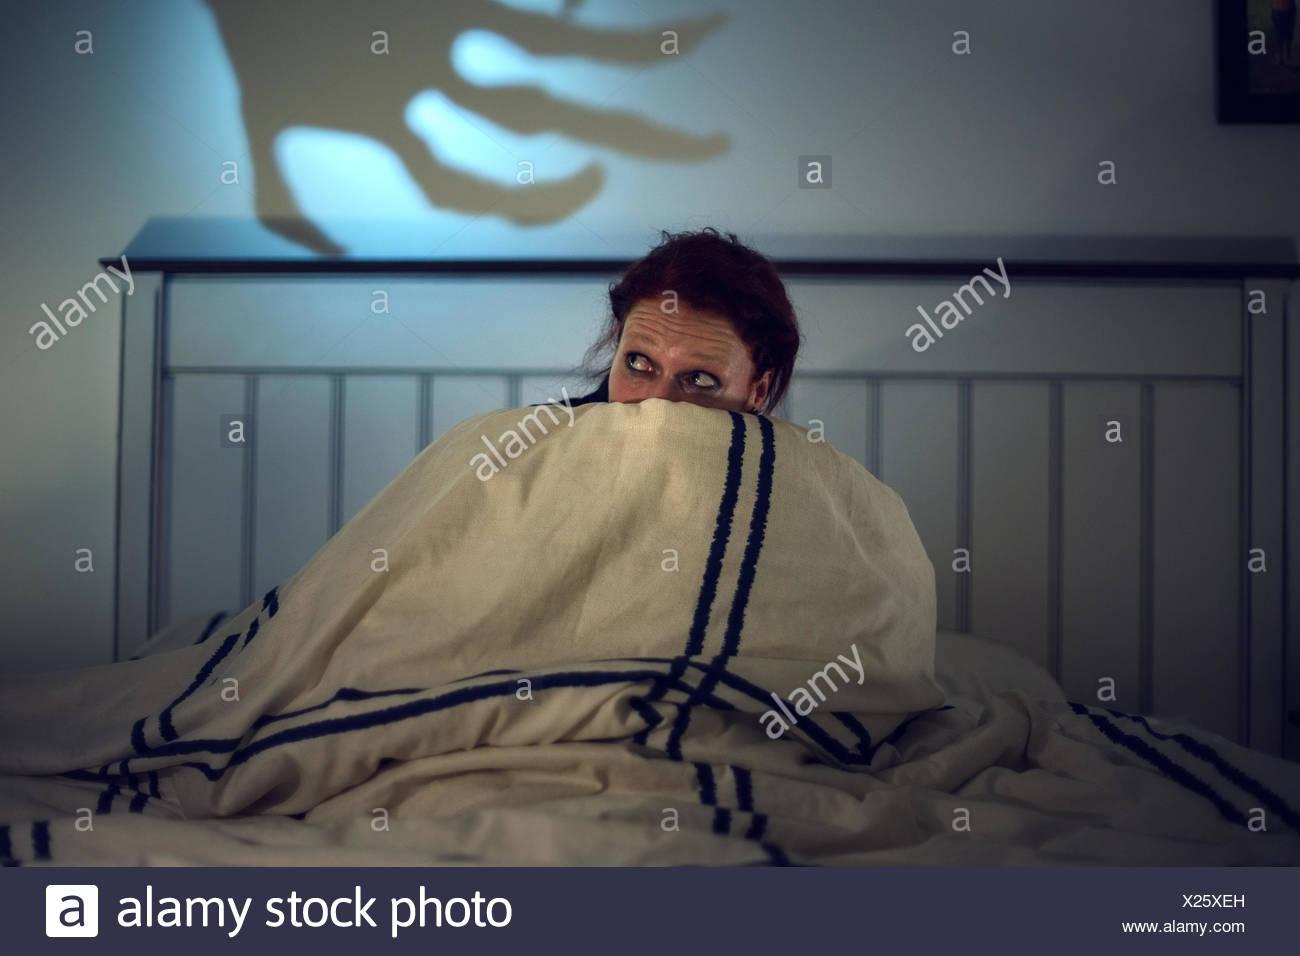 Verängstigte Frau im Bett, gruselige Schatten ein Skelett Hand hinten Stockfoto